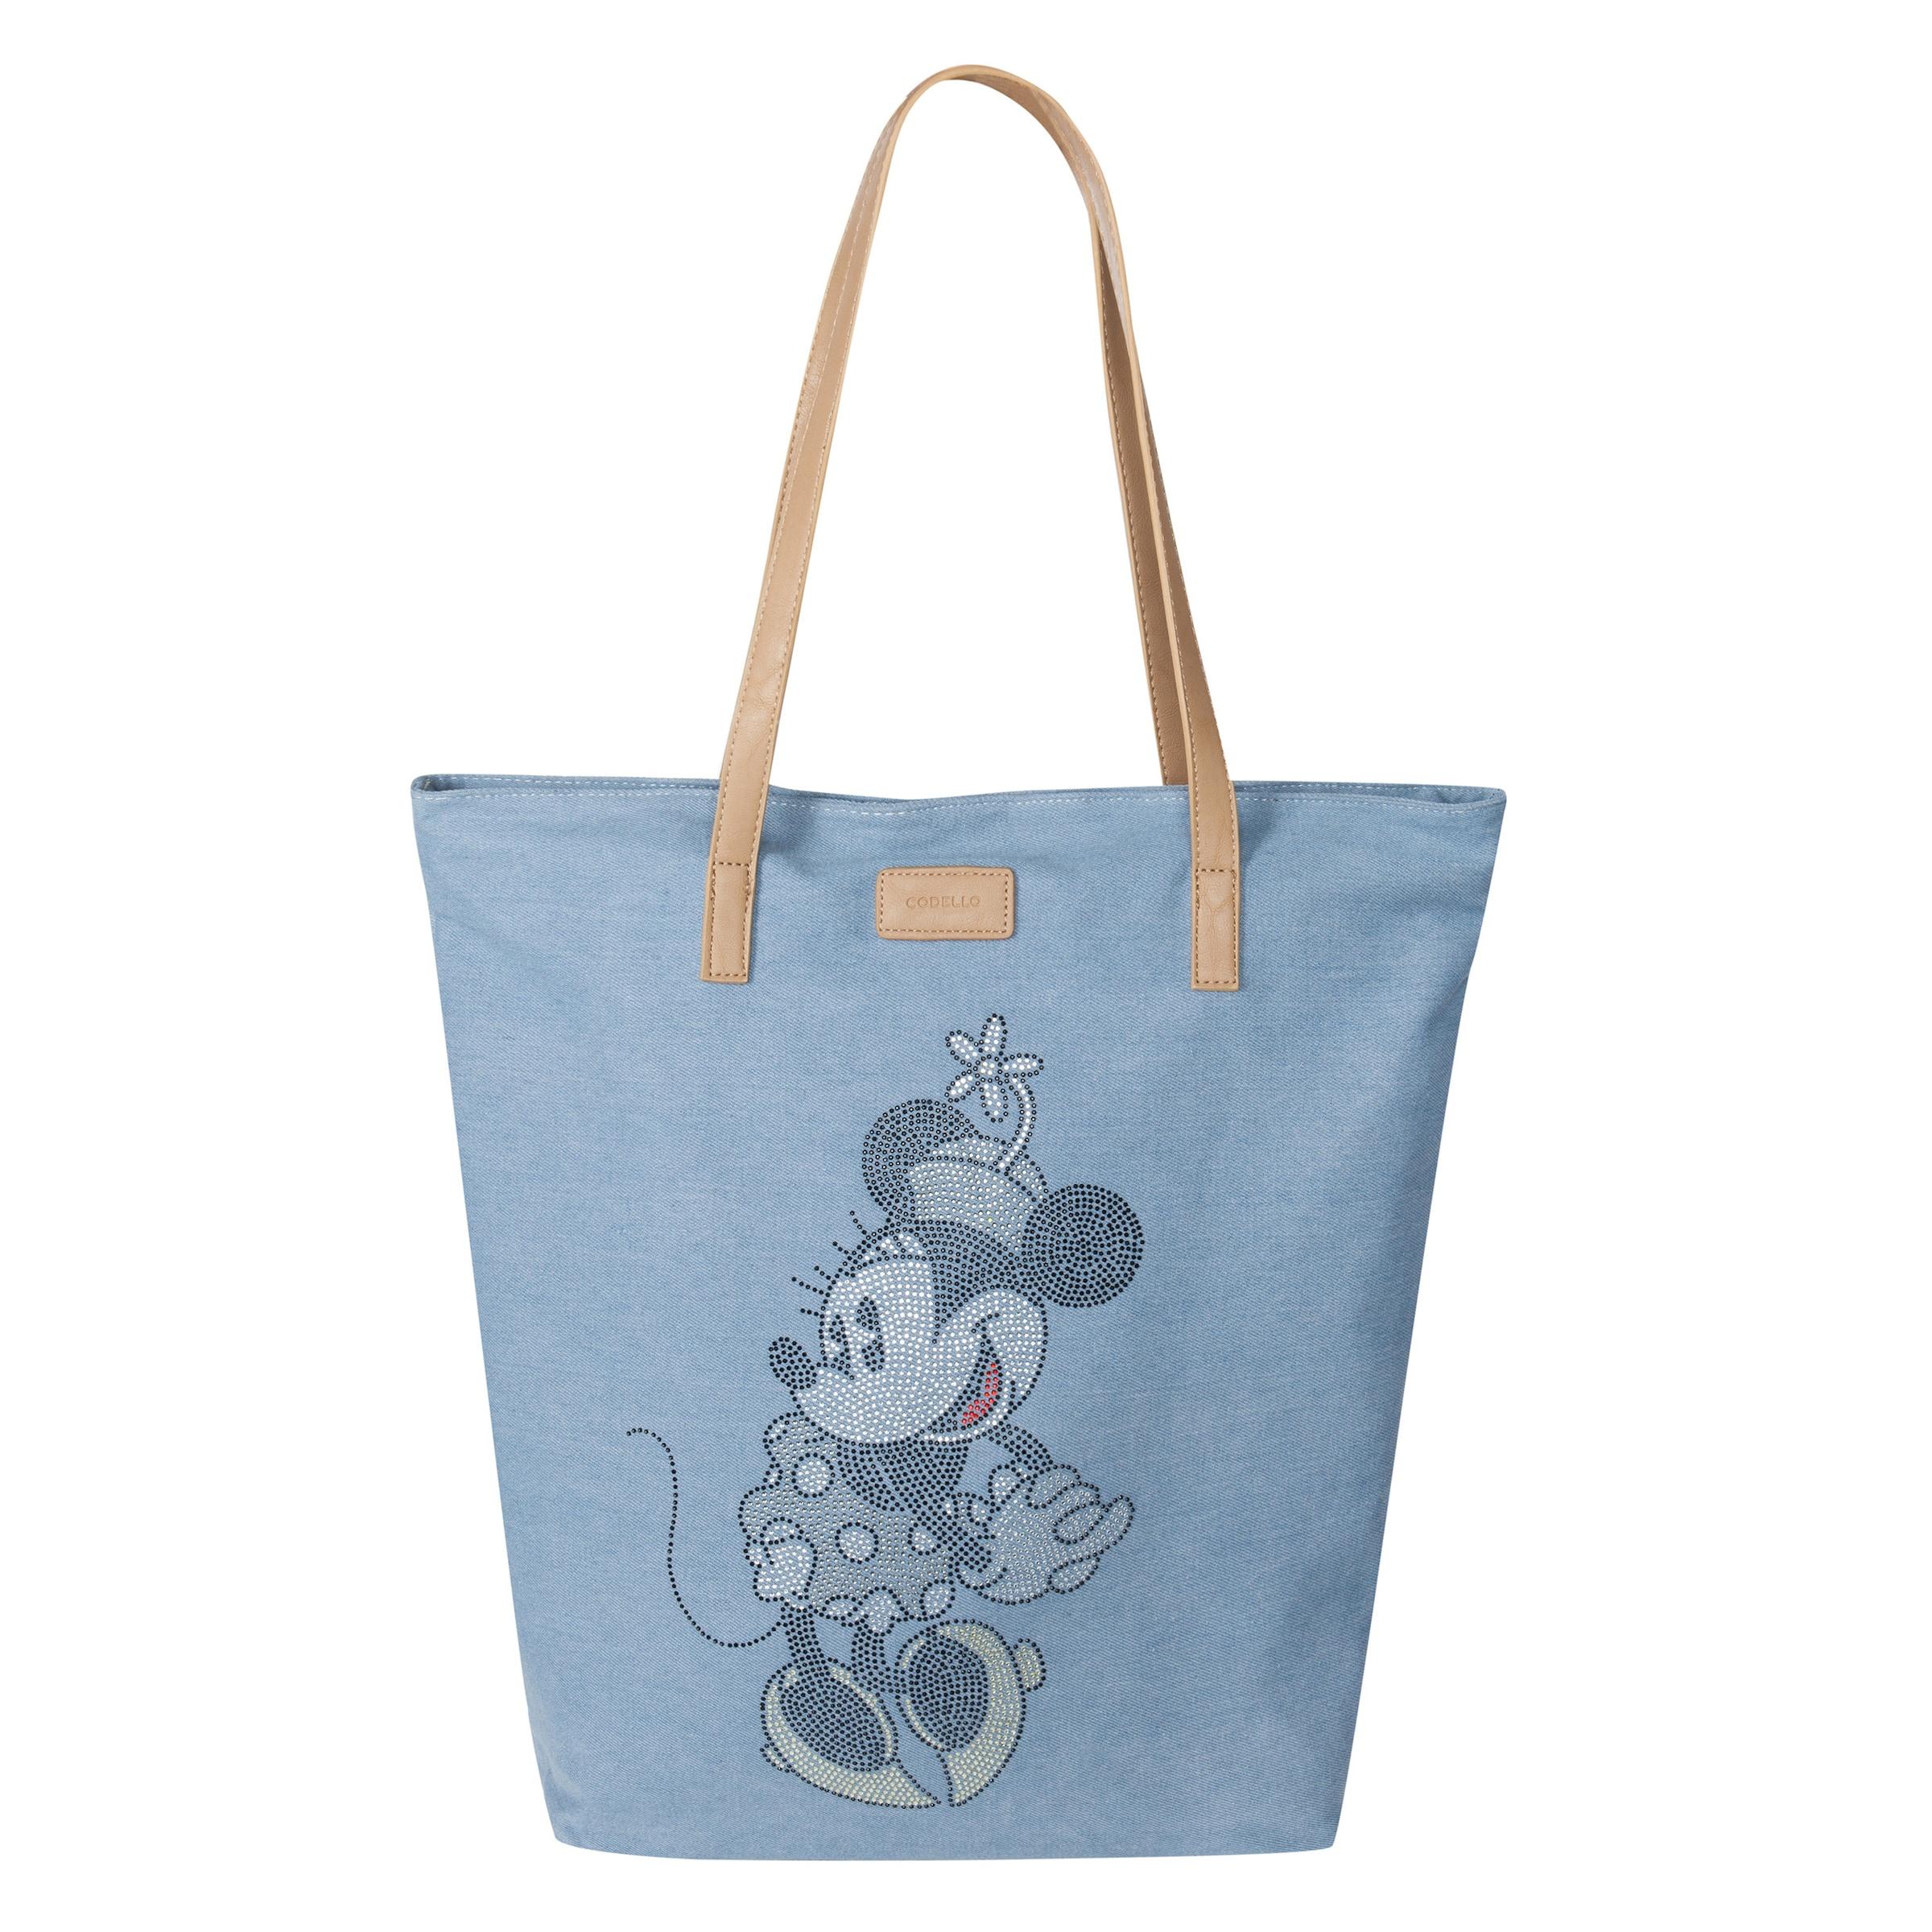 Fachlich CODELLO Denim-Shopper mit Disney-Motiv Empfehlen Zum Verkauf Niedrigen Preis Versandkosten Für Günstigen Preis Billige Eastbay Freies Verschiffen Ebay rdC6E1Nx